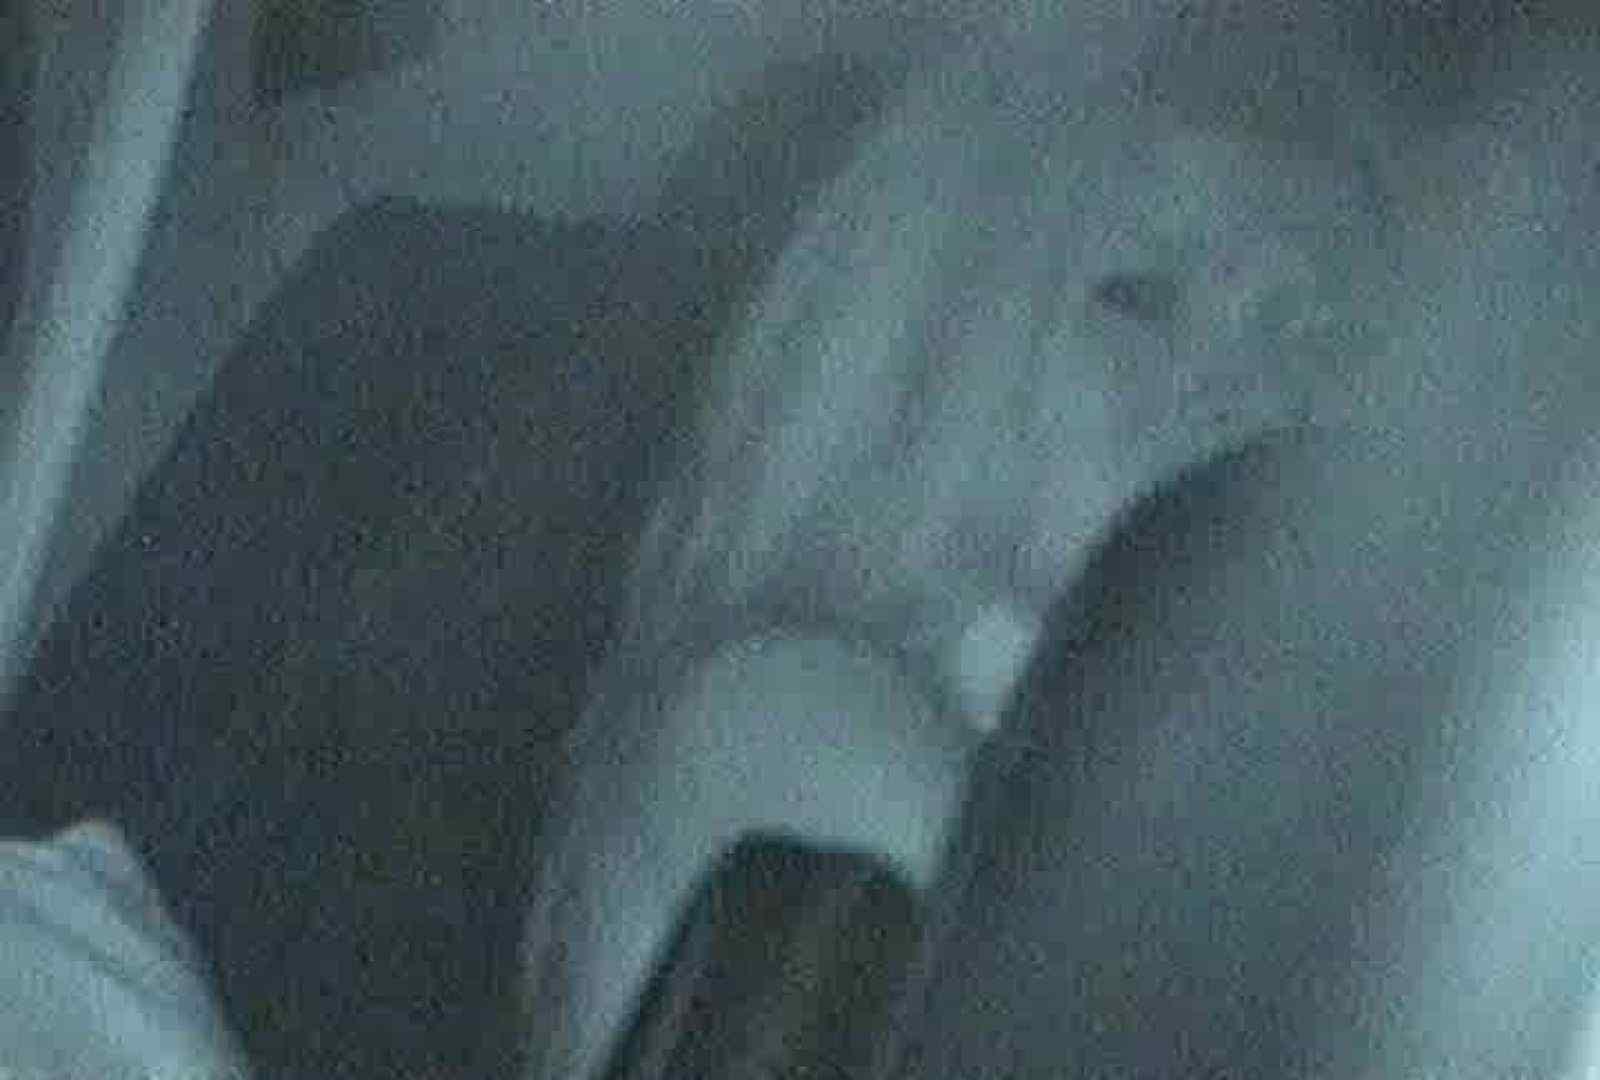 充血監督の深夜の運動会Vol.92 野外 AV無料動画キャプチャ 82画像 63